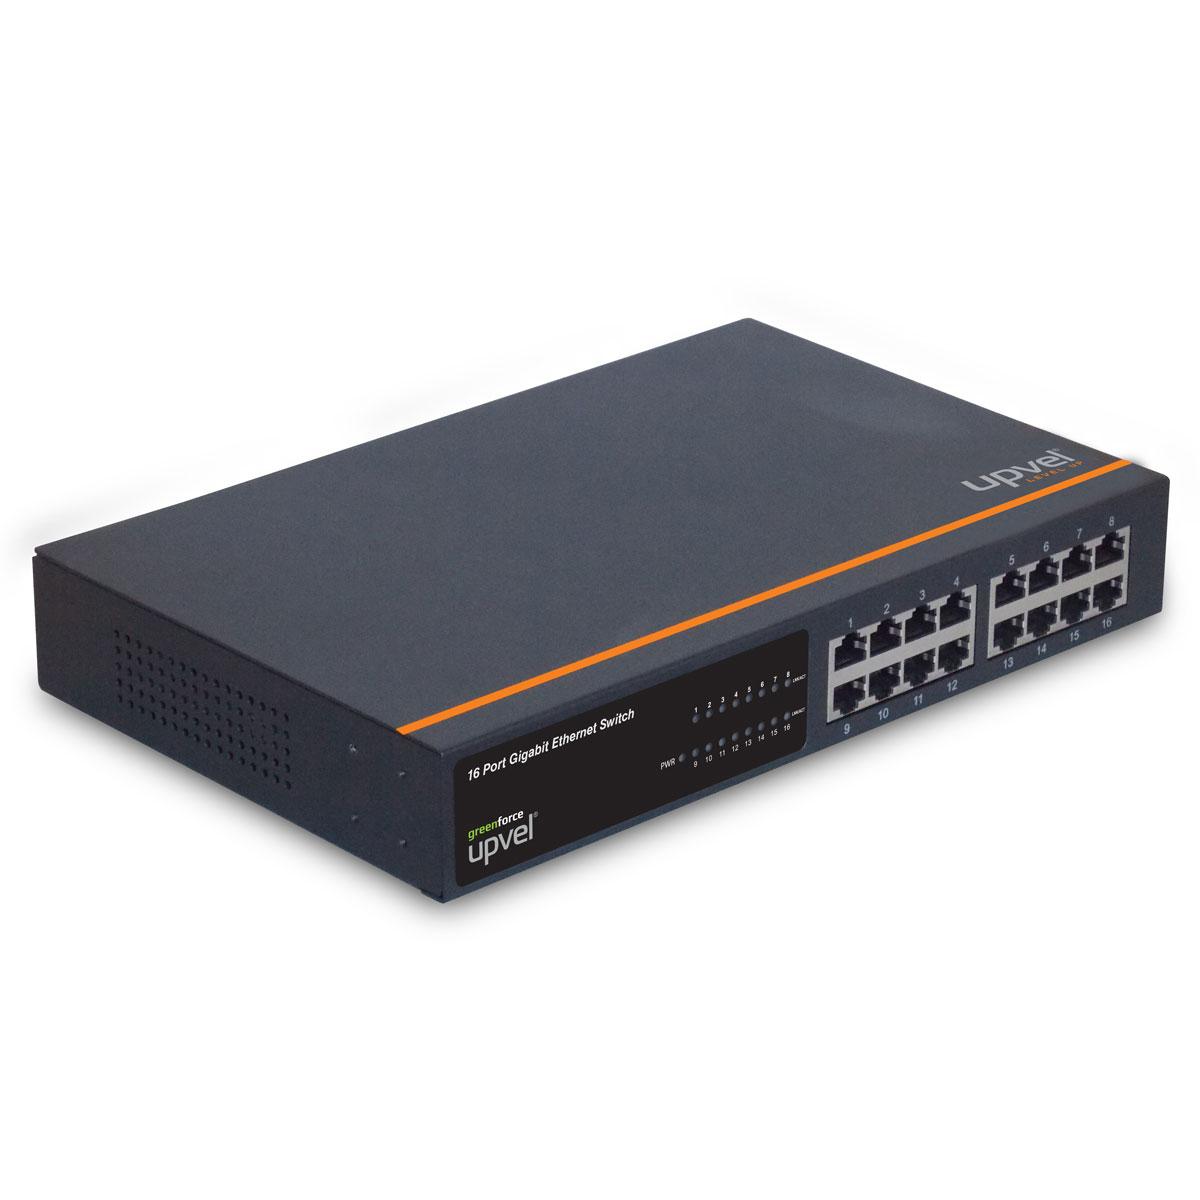 UPVEL US-16G коммутаторUS-16G16-портовый гигабитный настольный коммутатор US-16G с поддержкой технологии GREENforce. US-16Gобеспечивает высокую скорость передачи данных, отличается удобством использования, высокой надежностью ипредоставляет вам простой способ перейти на Gigabit Ethernet. При этом устройство позволяет в некоторыхслучаях сократить энергопотребление на 40%. Высокая общая пропускная способность 16 Гбит/с с поддержкойдуплексного режима позволяют повысить производительность и избежать перегрузок сети. Устройствопомещено в прочный металлический корпус, поддерживает технологию Plug and Play, что позволяет создатьнадежную и высокопроизводительную сеть без дополнительной настройки.Пропускная способность: 32 Мбит/сСтандарт:IEEE 802.3 10Base-T IEEE 802.3u 100Base-TX IEEE 802.3ab 1000BASE-T IEEE 802.3x Flow Control Скорость передачи данных:Ethernet: 10Мбит/с / 20Мбит/с (Half/Full-Duplex), Fast Ethernet: 100Мбит/с / 200Мбит/с (Half/Full-Duplex) Gigabit Ethernet: 2000Мбит/с (Full-Duplex)